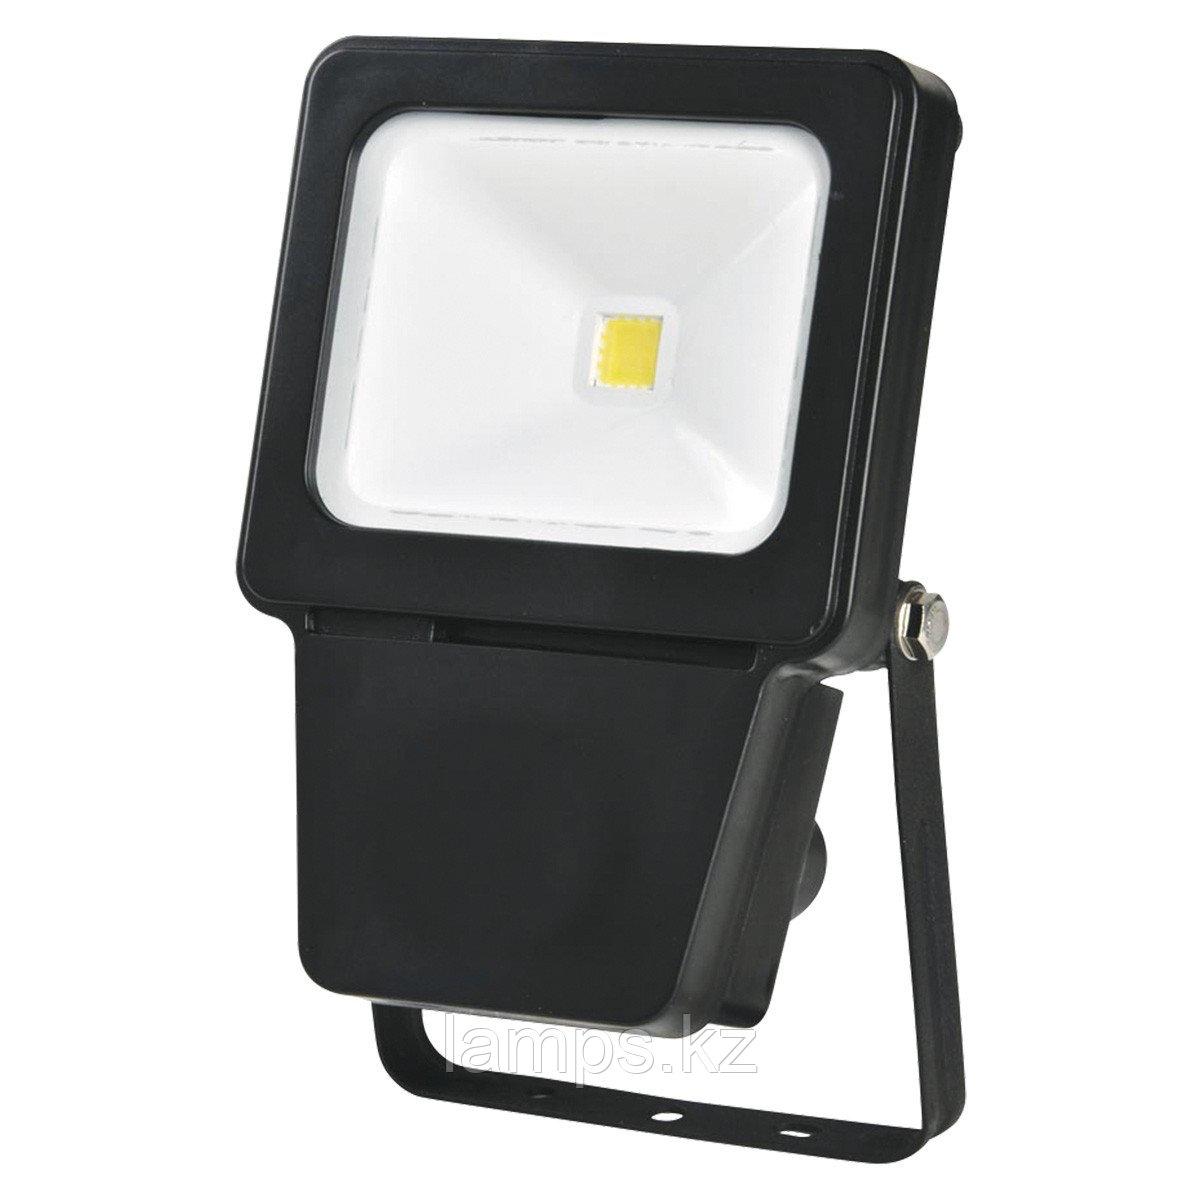 Светодиодный прожектор LED COB 10W BLACK 6000K